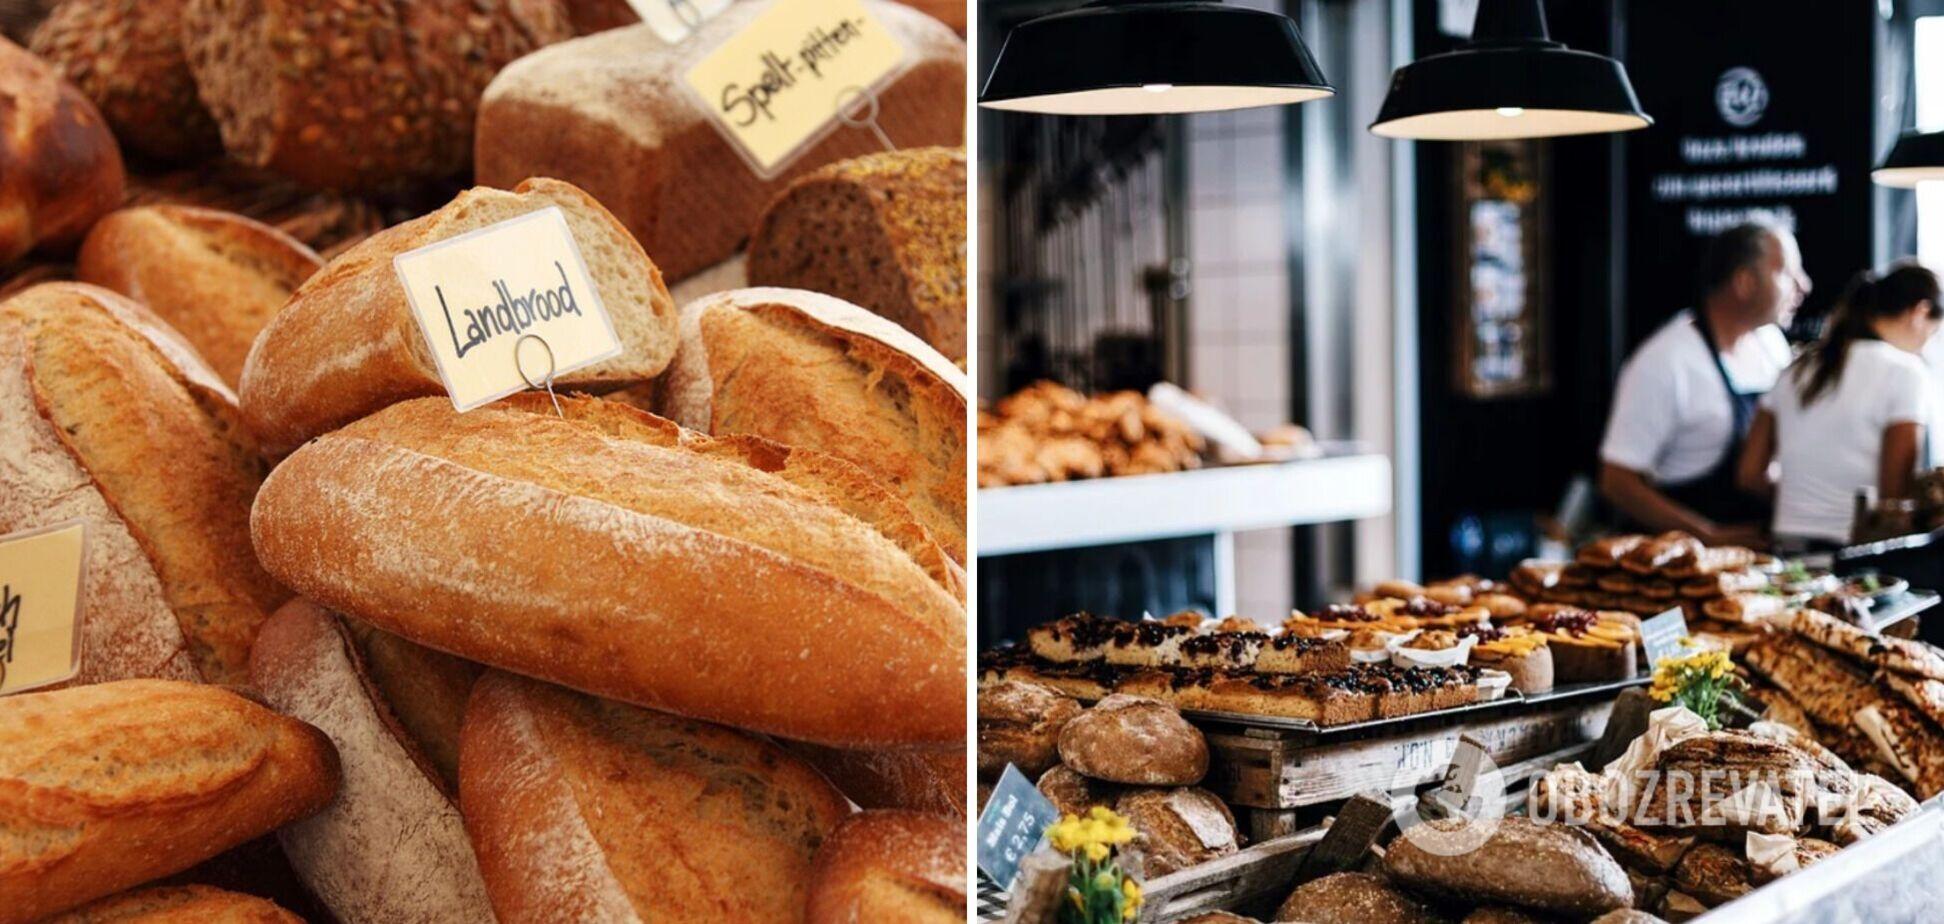 Як зберігати хліб довше, ніж 3 дні: лайфхак від експерта